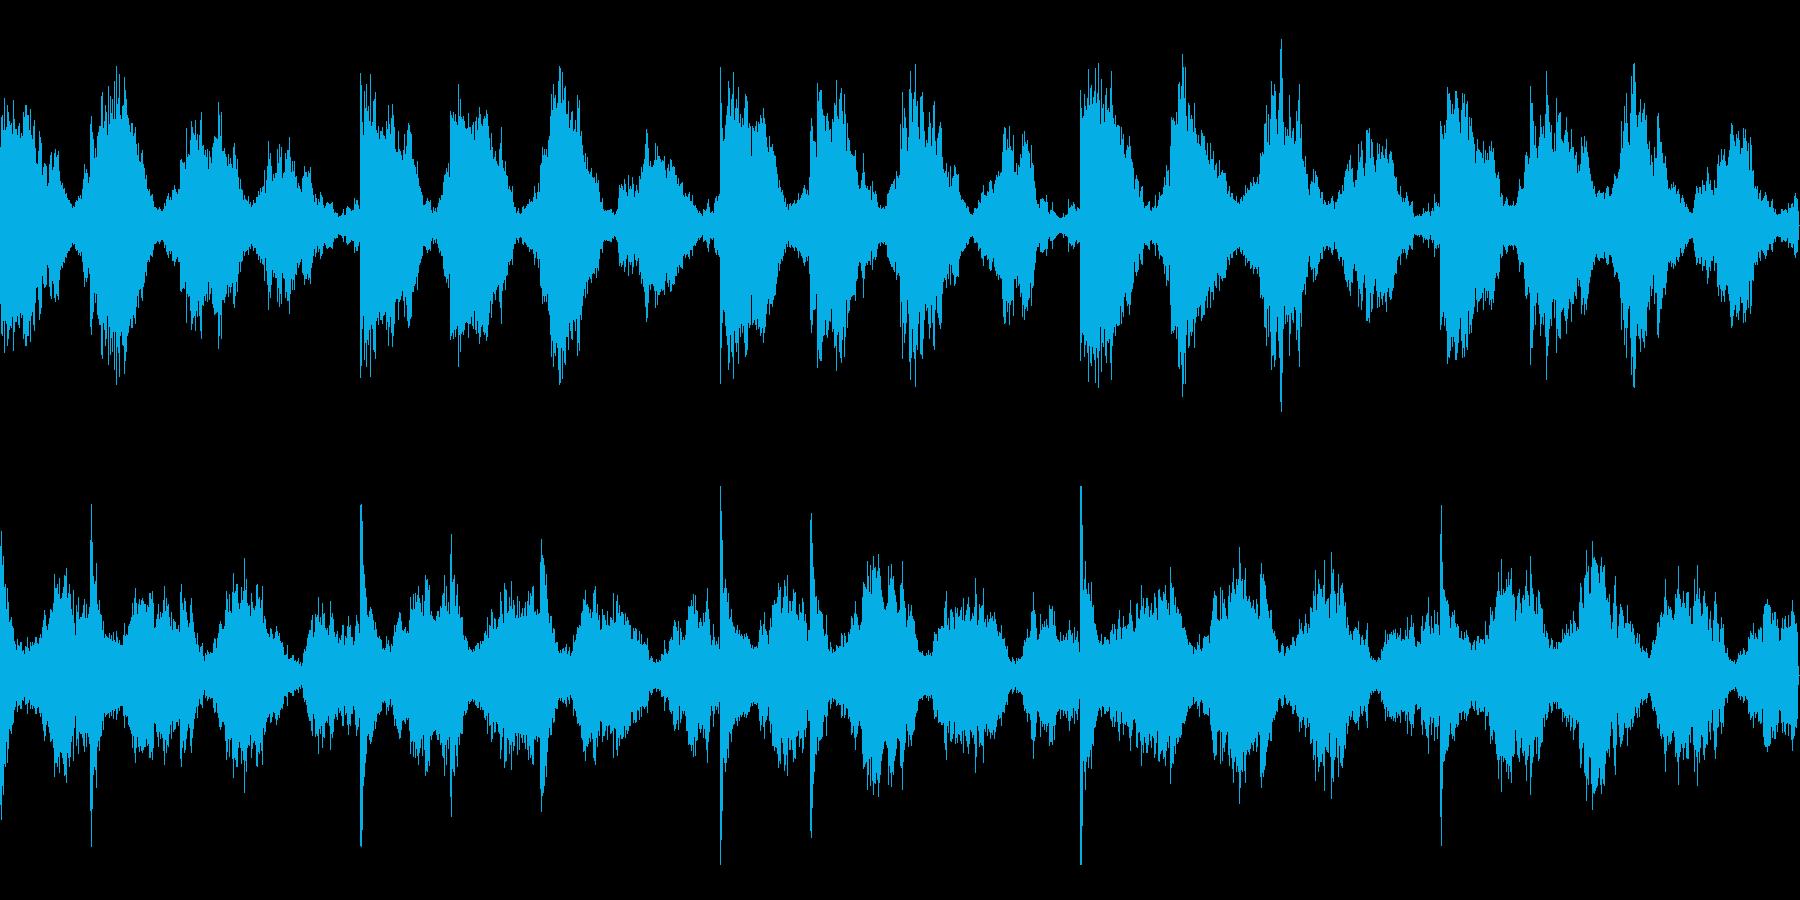 ループ素材_ホラー系2の再生済みの波形